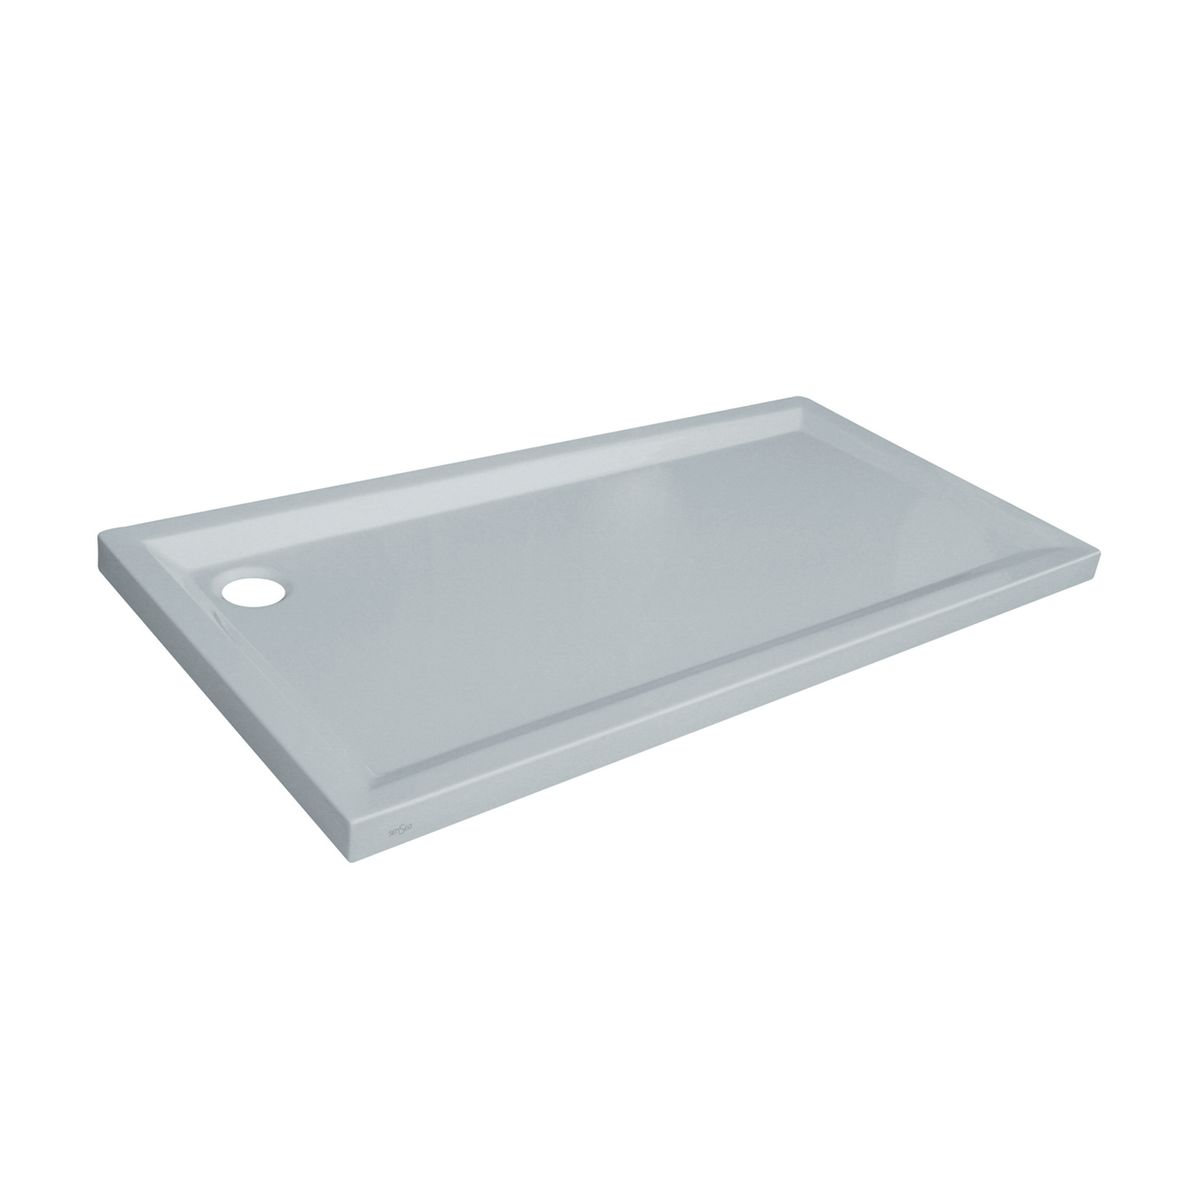 Piatto doccia acrilico houston 170 x 70 cm bianco prezzi for Copriwater leroy merlin